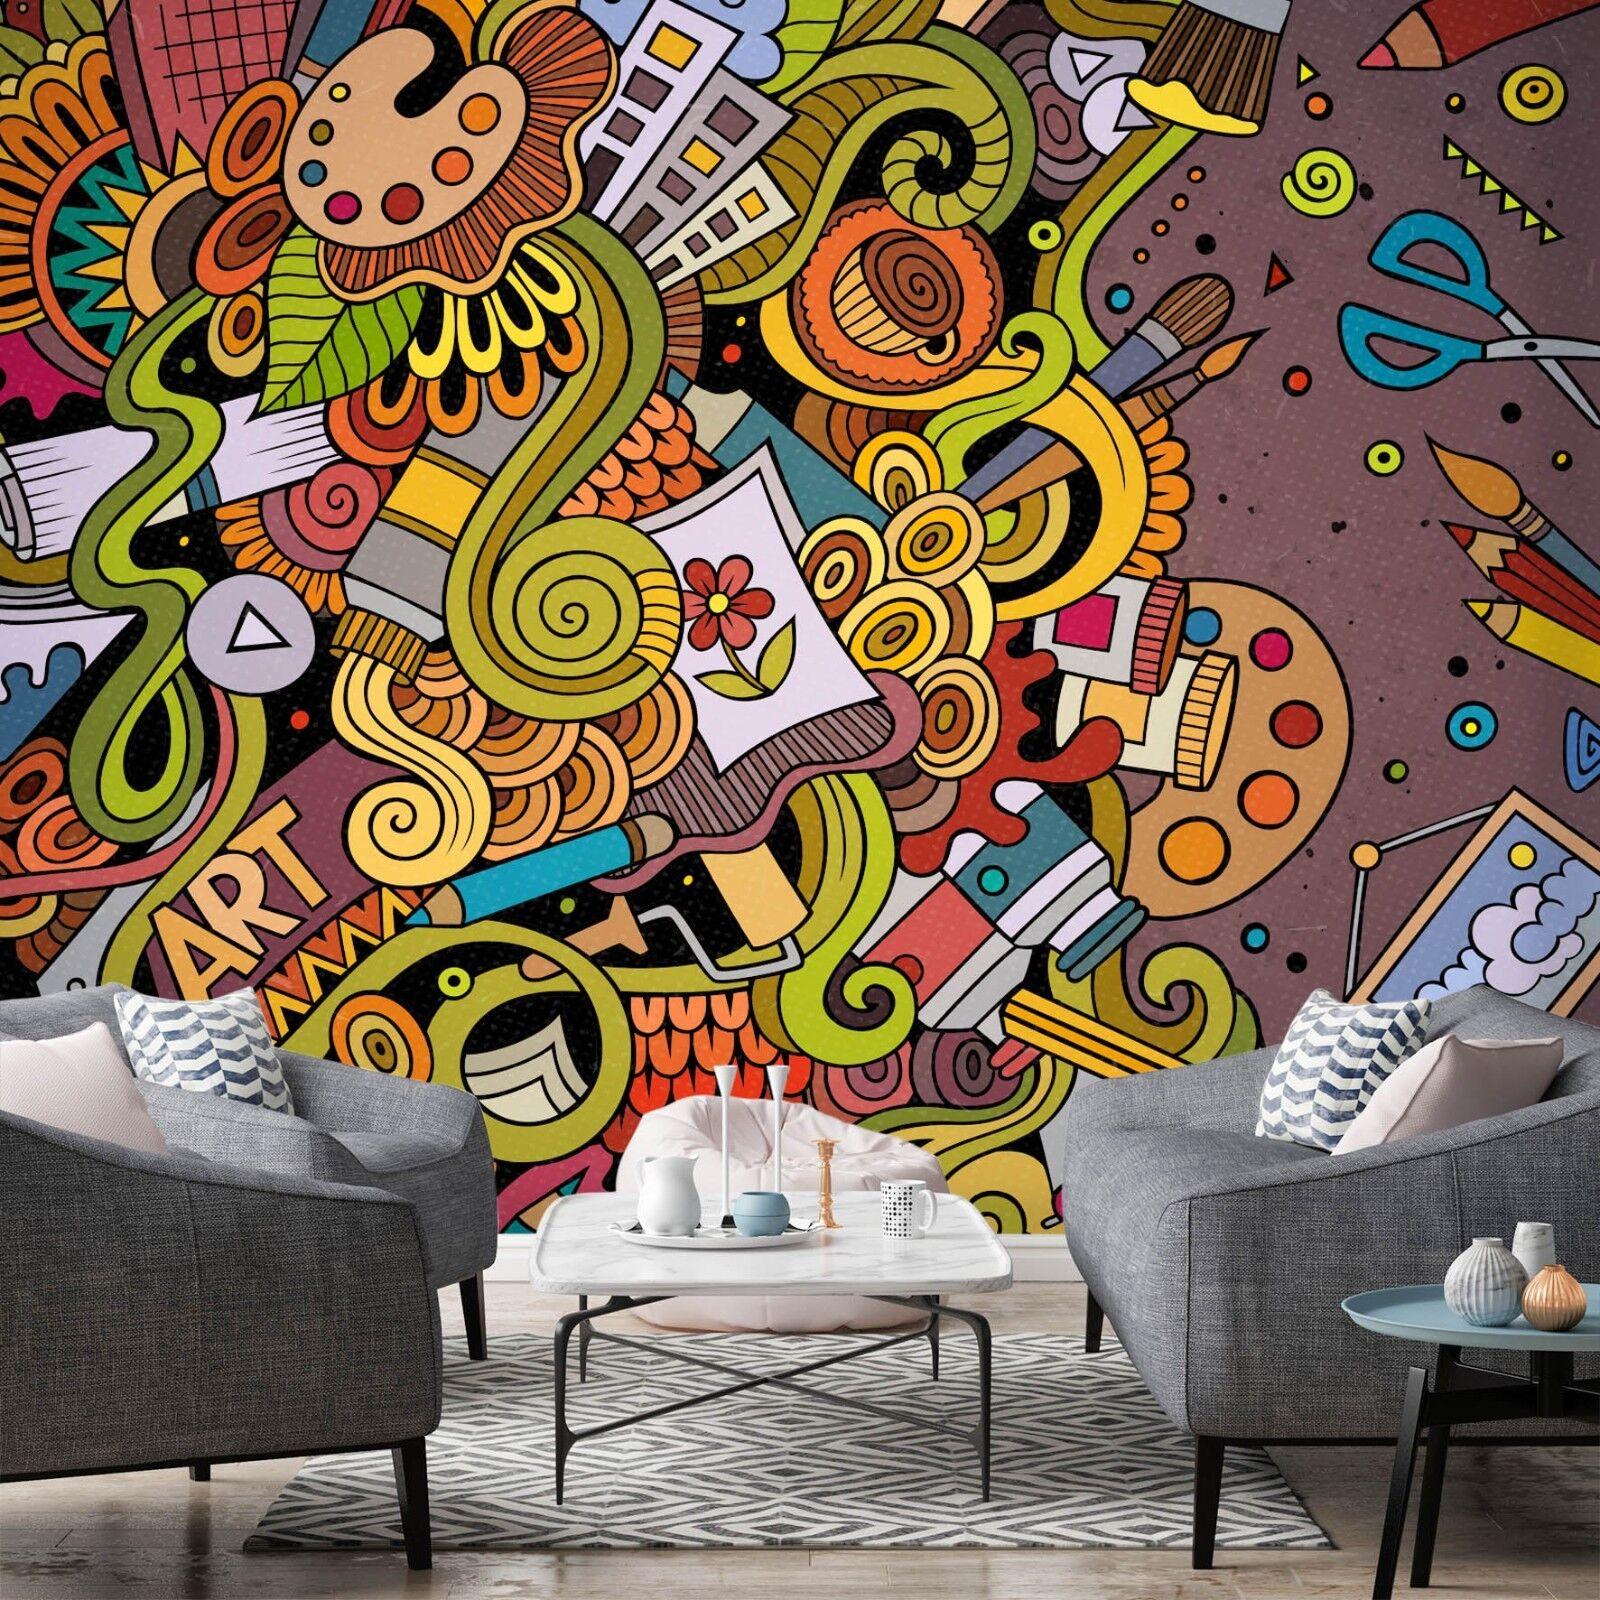 3D Cartoon Graffiti Art 785 Wallpaper Mural Paper Wall Print Murals UK Lemon